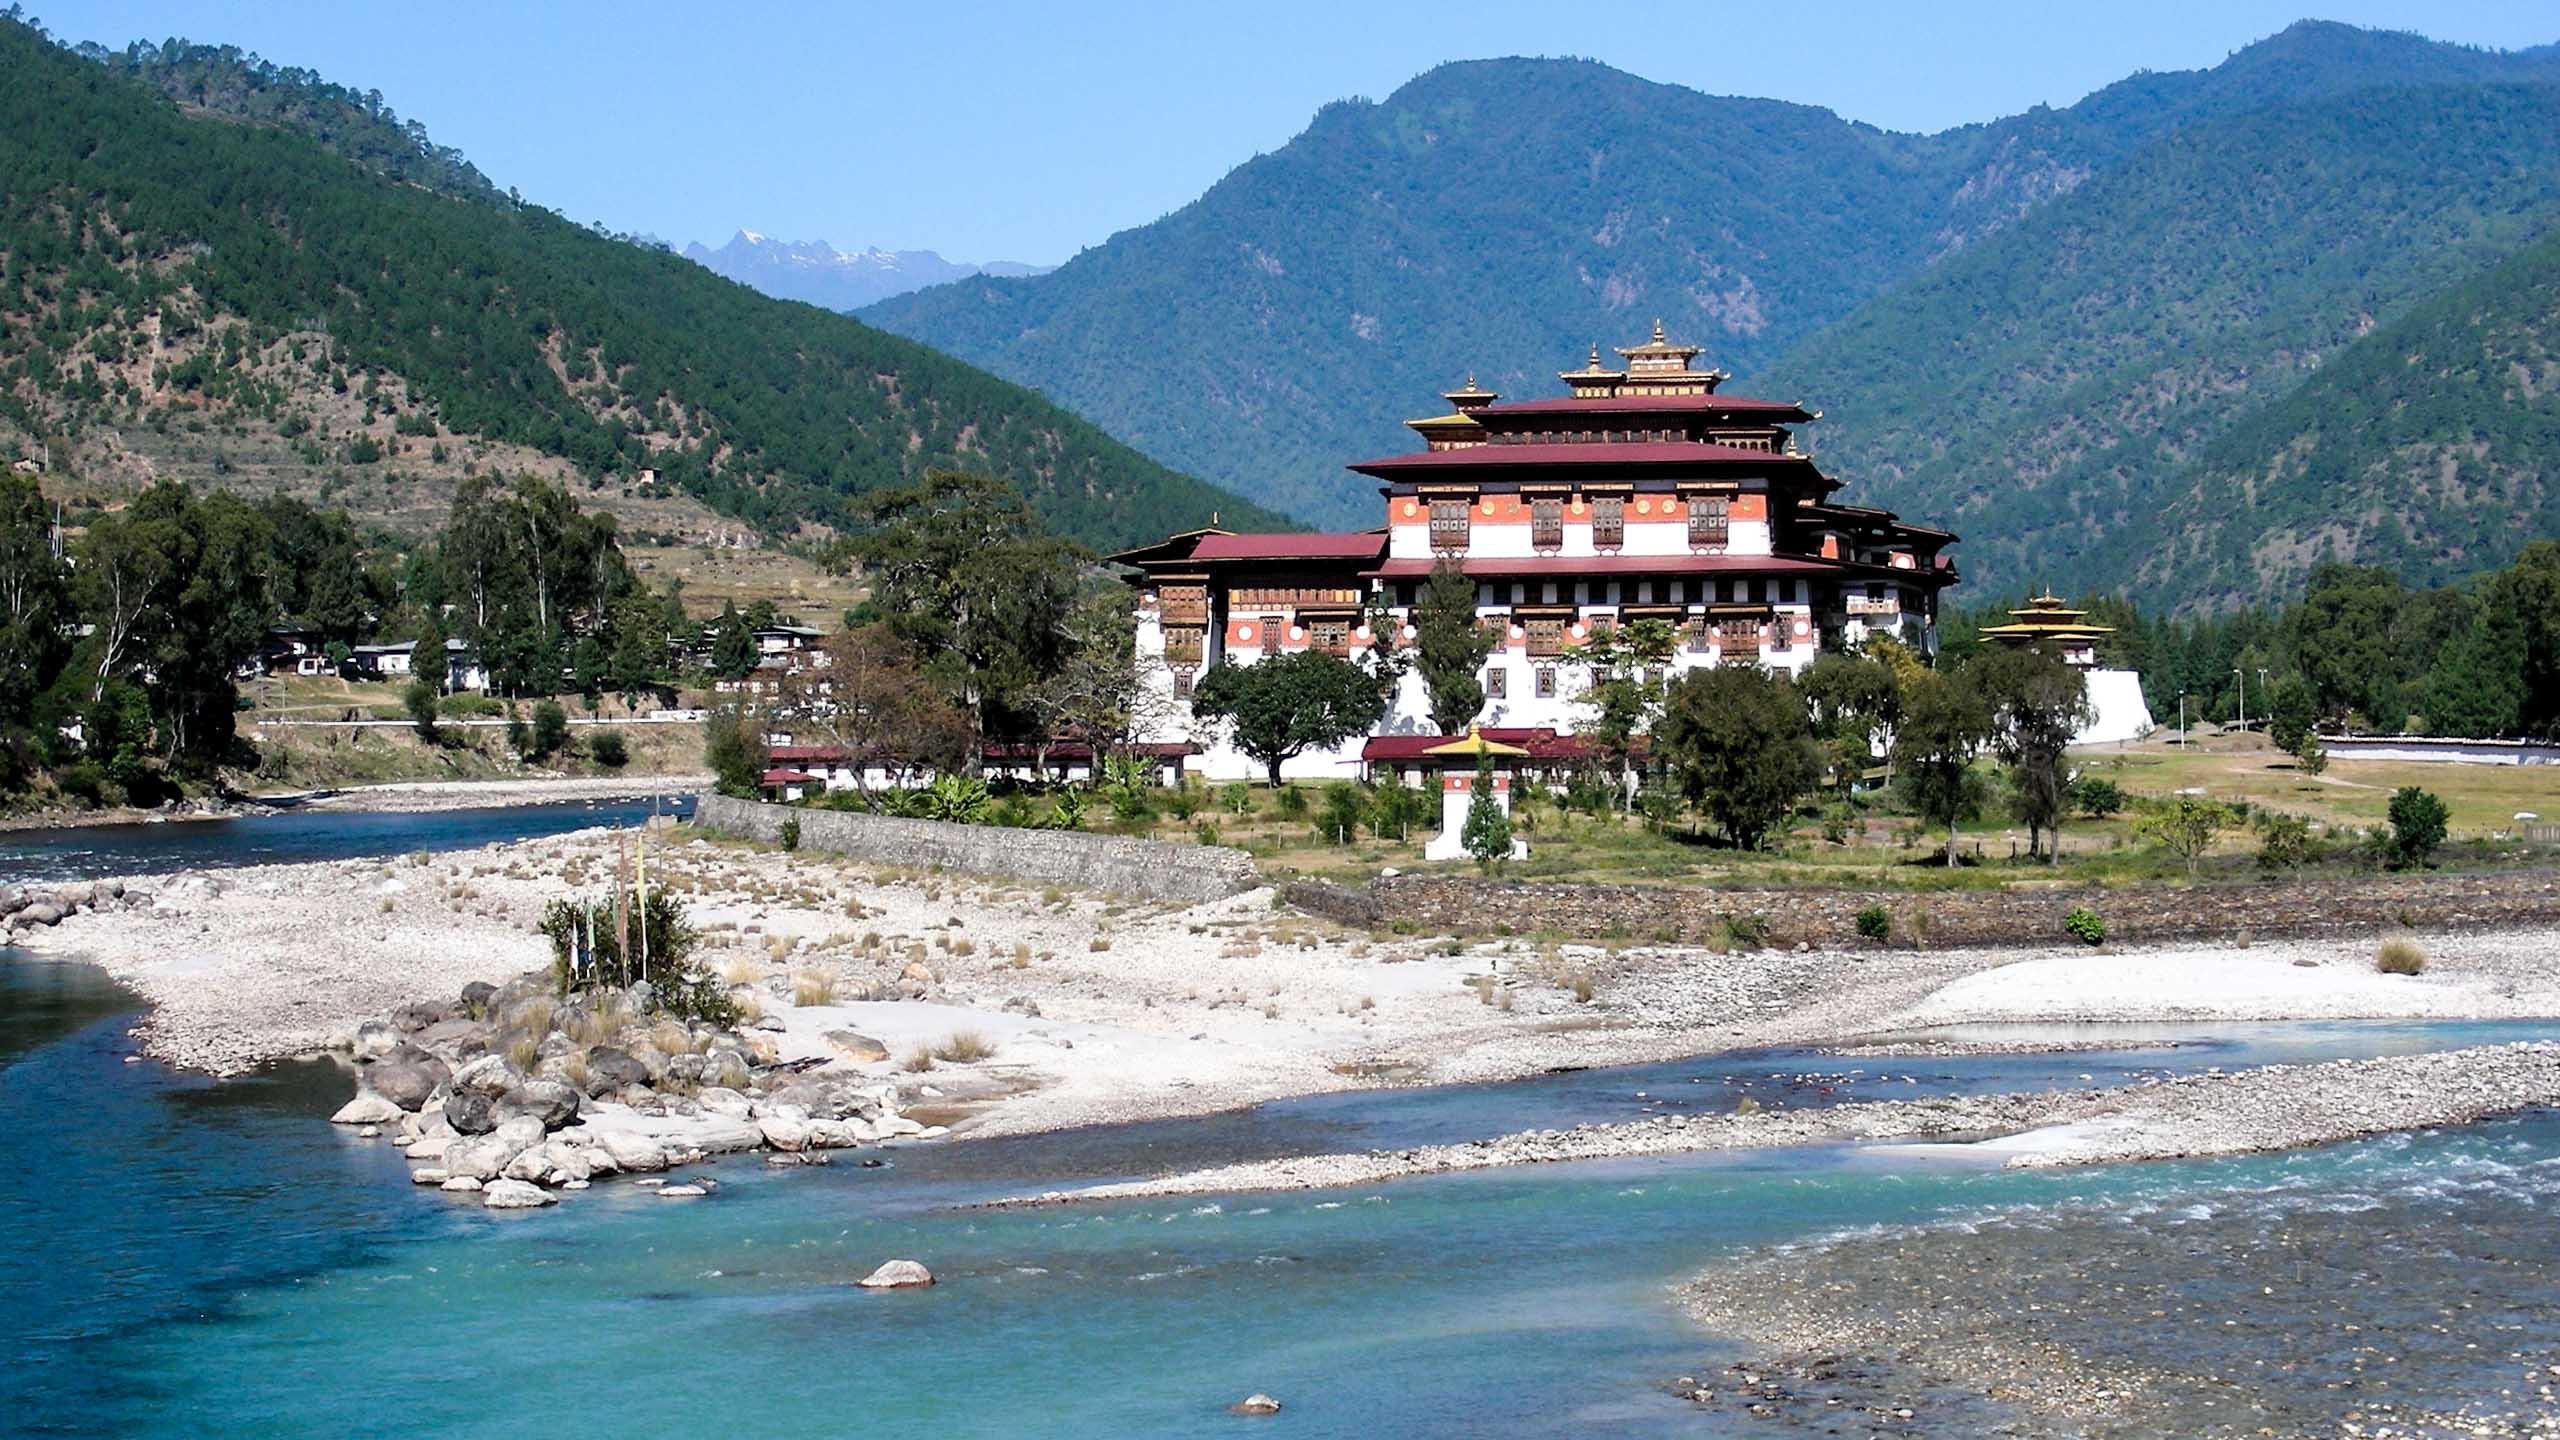 Phunakha Monastery in Bhutan